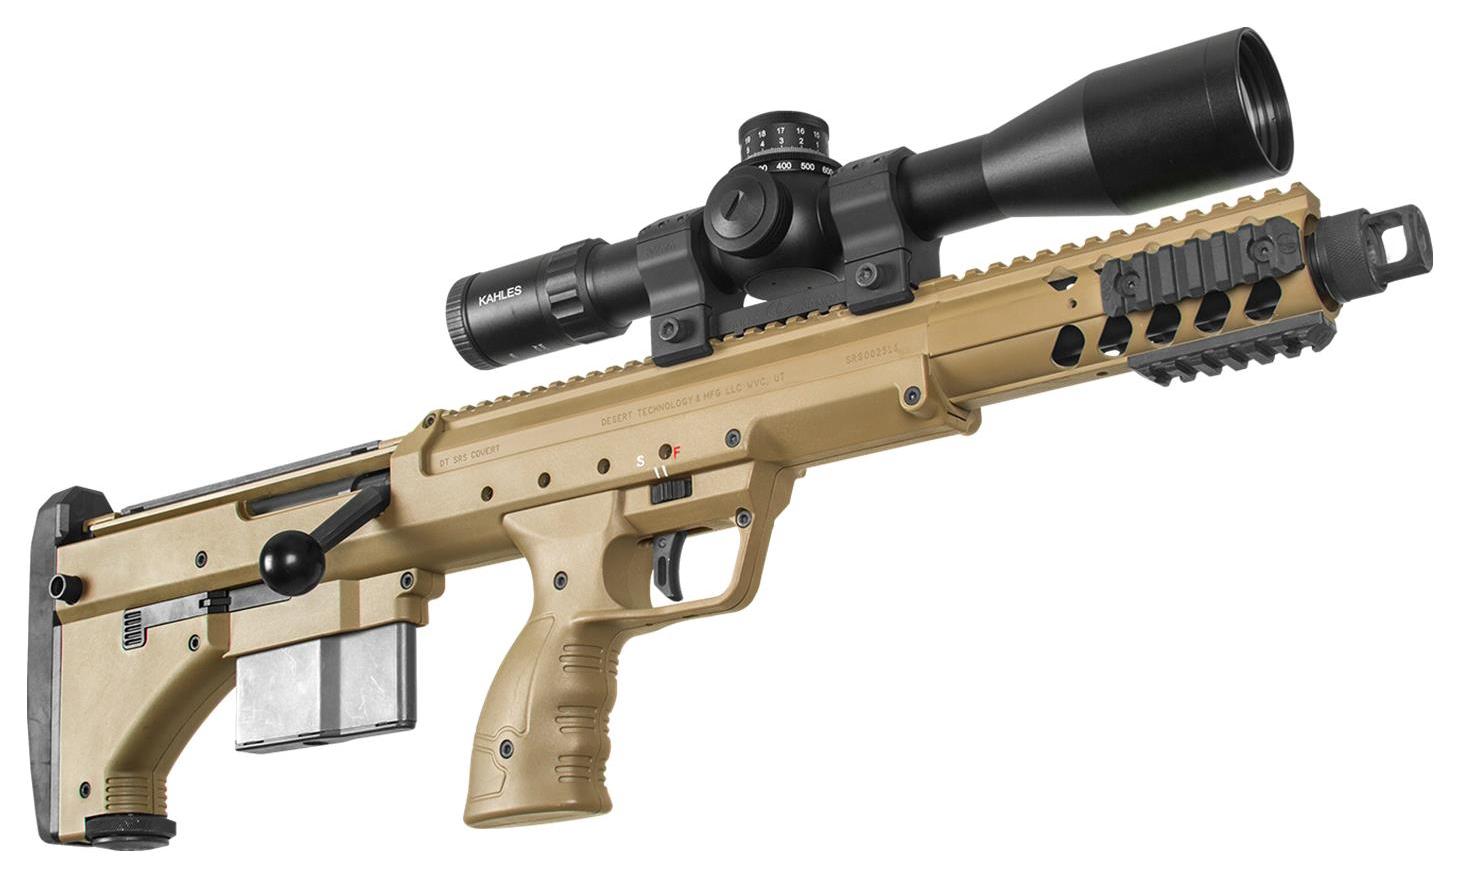 Desert Tech SRS A1 Covert - (LAW Enforcment / Military Only)Die SRS A1 Covert (SRS = Stealth Recon Scout) ist das kompakteste Scharfschützengewehr von Desert Tech. Sie wurde für Polizei- und Militärscharfschützen entwickelt, die eine minimale Sichtbarkeit bei größter Manövrierfähigkeit benötigen.Es kombiniert die besten ergonomischen Eigenschaften mit Genauigkeit. Mit einer Gesamtlänge von gerade einmal 68,5 cm ist die SRS A1 Covert wesentlich kürzer als ein gewöhnliches Scharfschützengewehr.Auch wenn sie für den Behördenmarkt konzipiert ist, so ist die SRS Serie auch optimal für das sportliche Long Range Schießen und dank ihrer kompakten und mobilen Bauweise auch für die Jagd geeignet.Die Desert Tech SRS A1 Covert ist ebenfalls